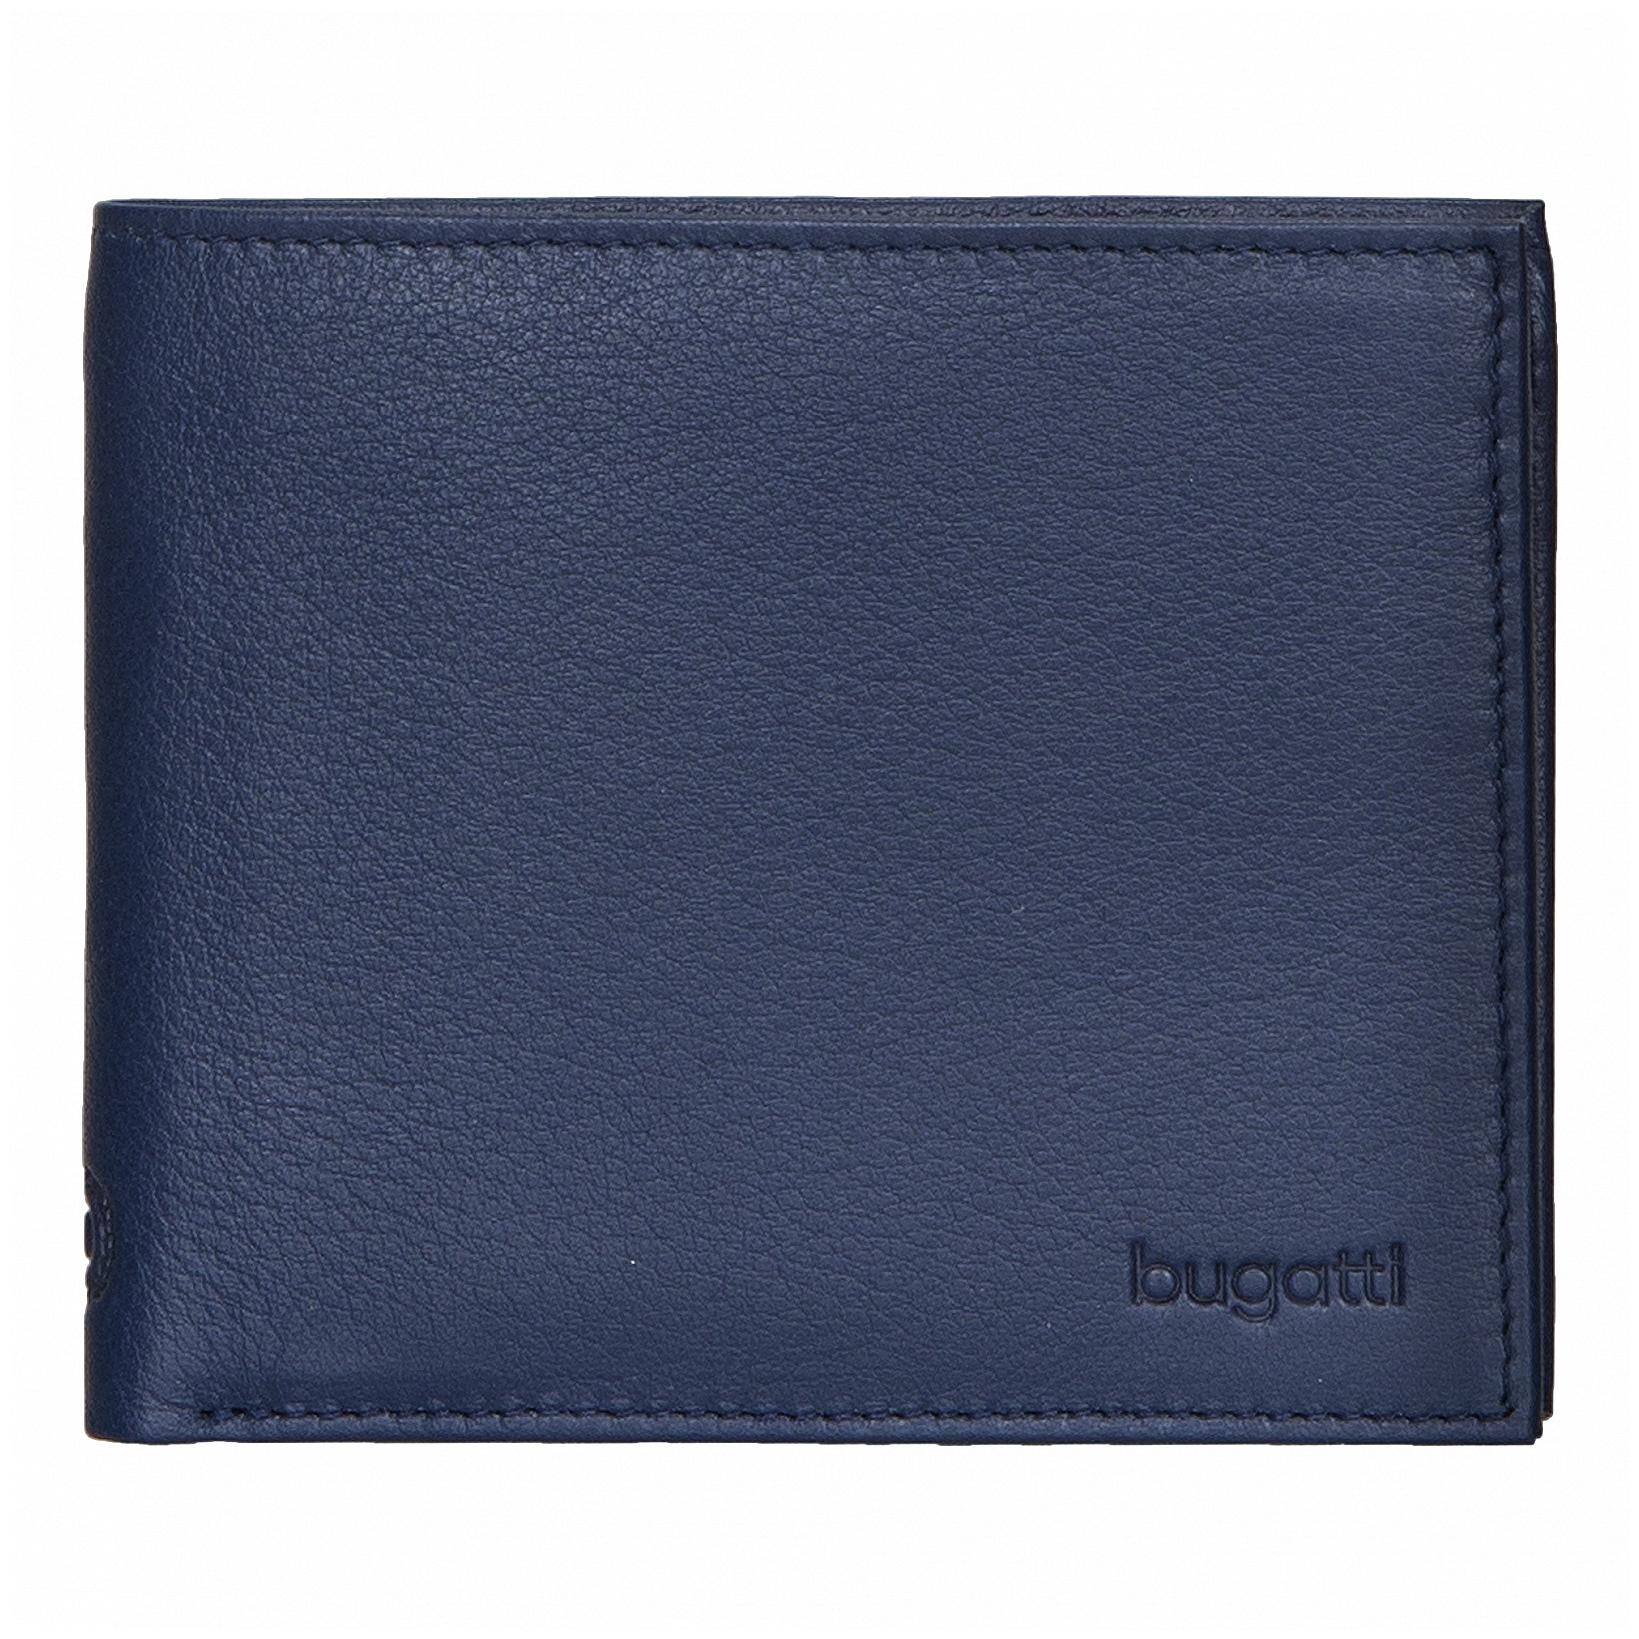 Bugatti Pánská kožená peněženka SEMPRE 49117905 modrá 9efbfe913a